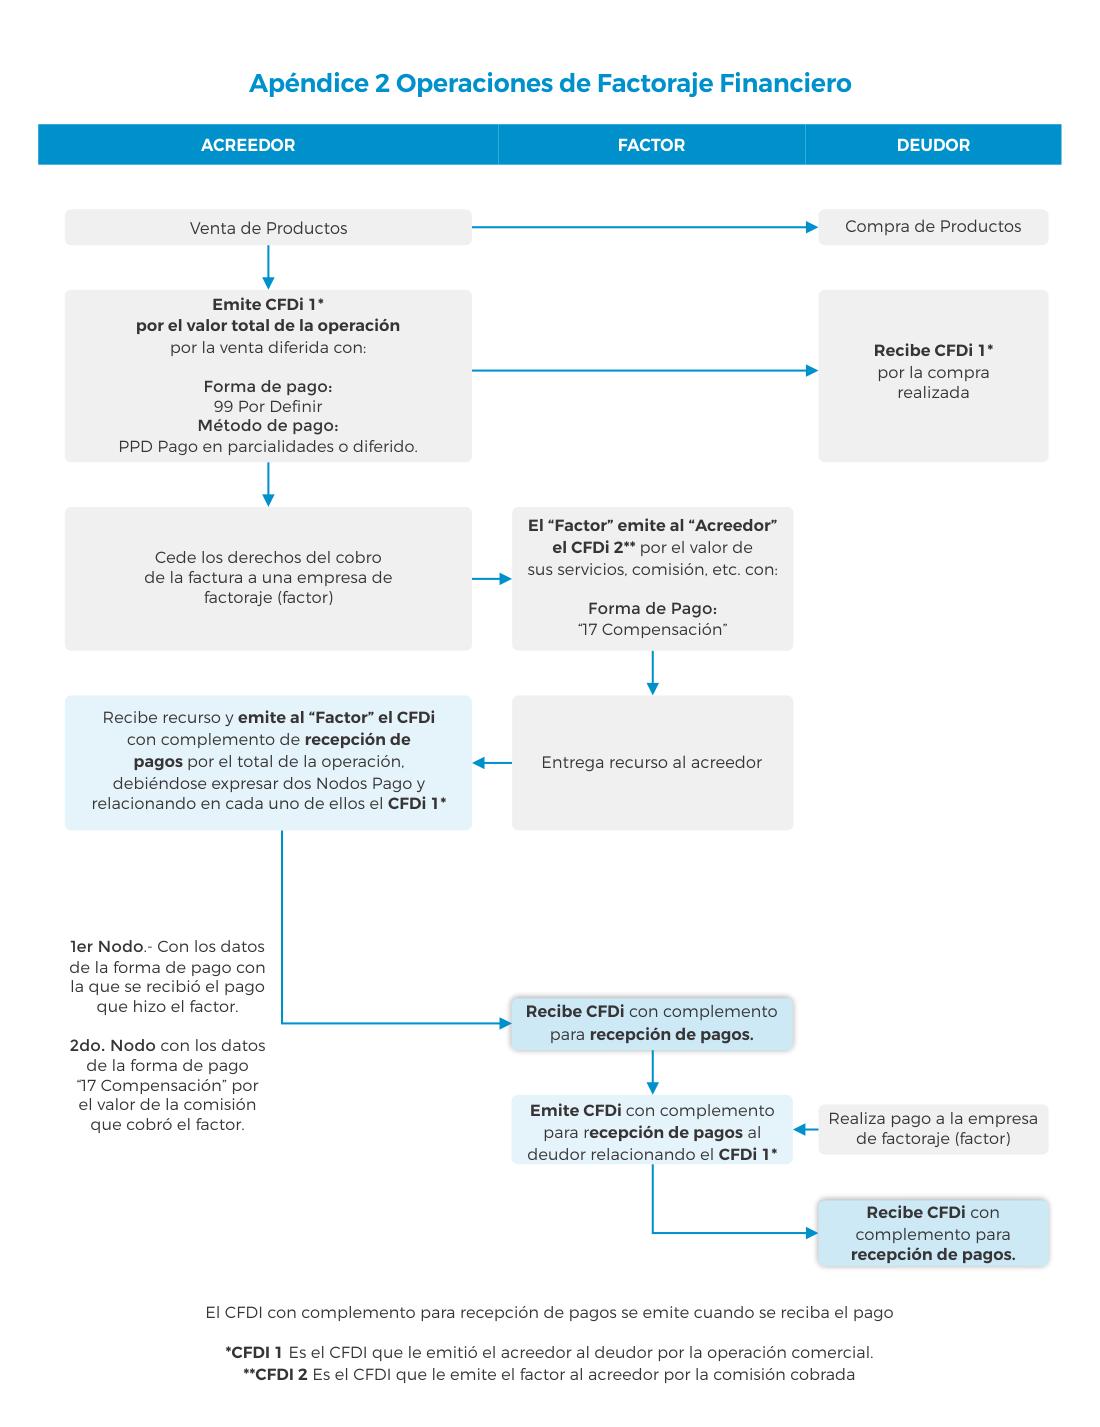 CFDi de Pagos para Operaciones de Factoraje Financiero